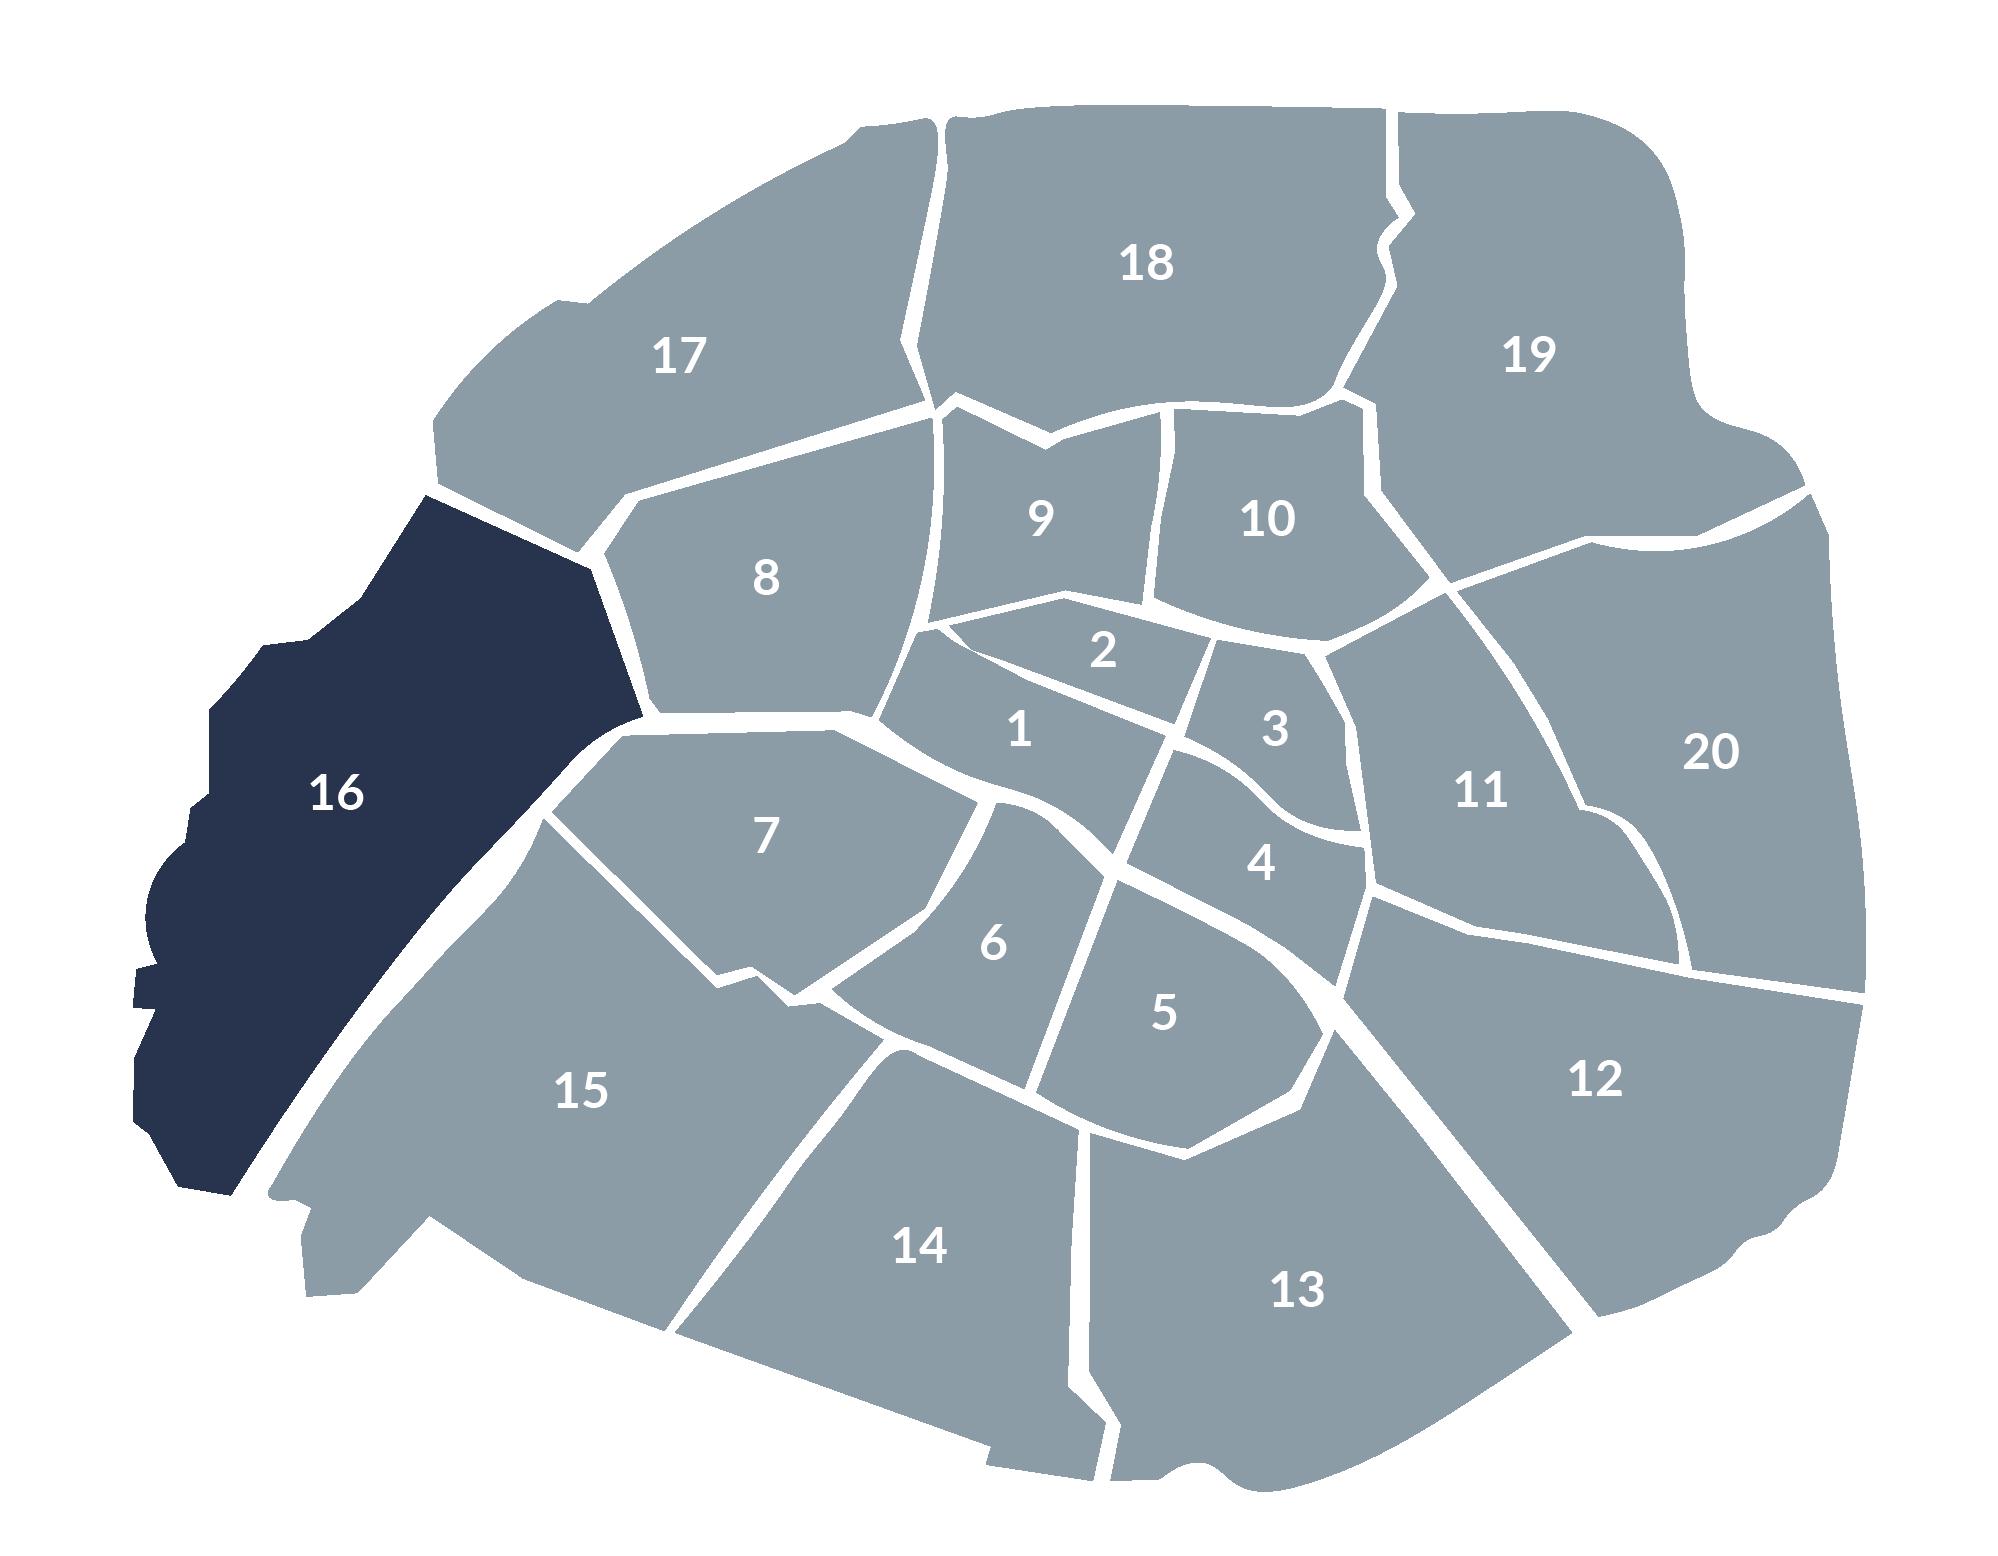 carte paris 16e arrondissement